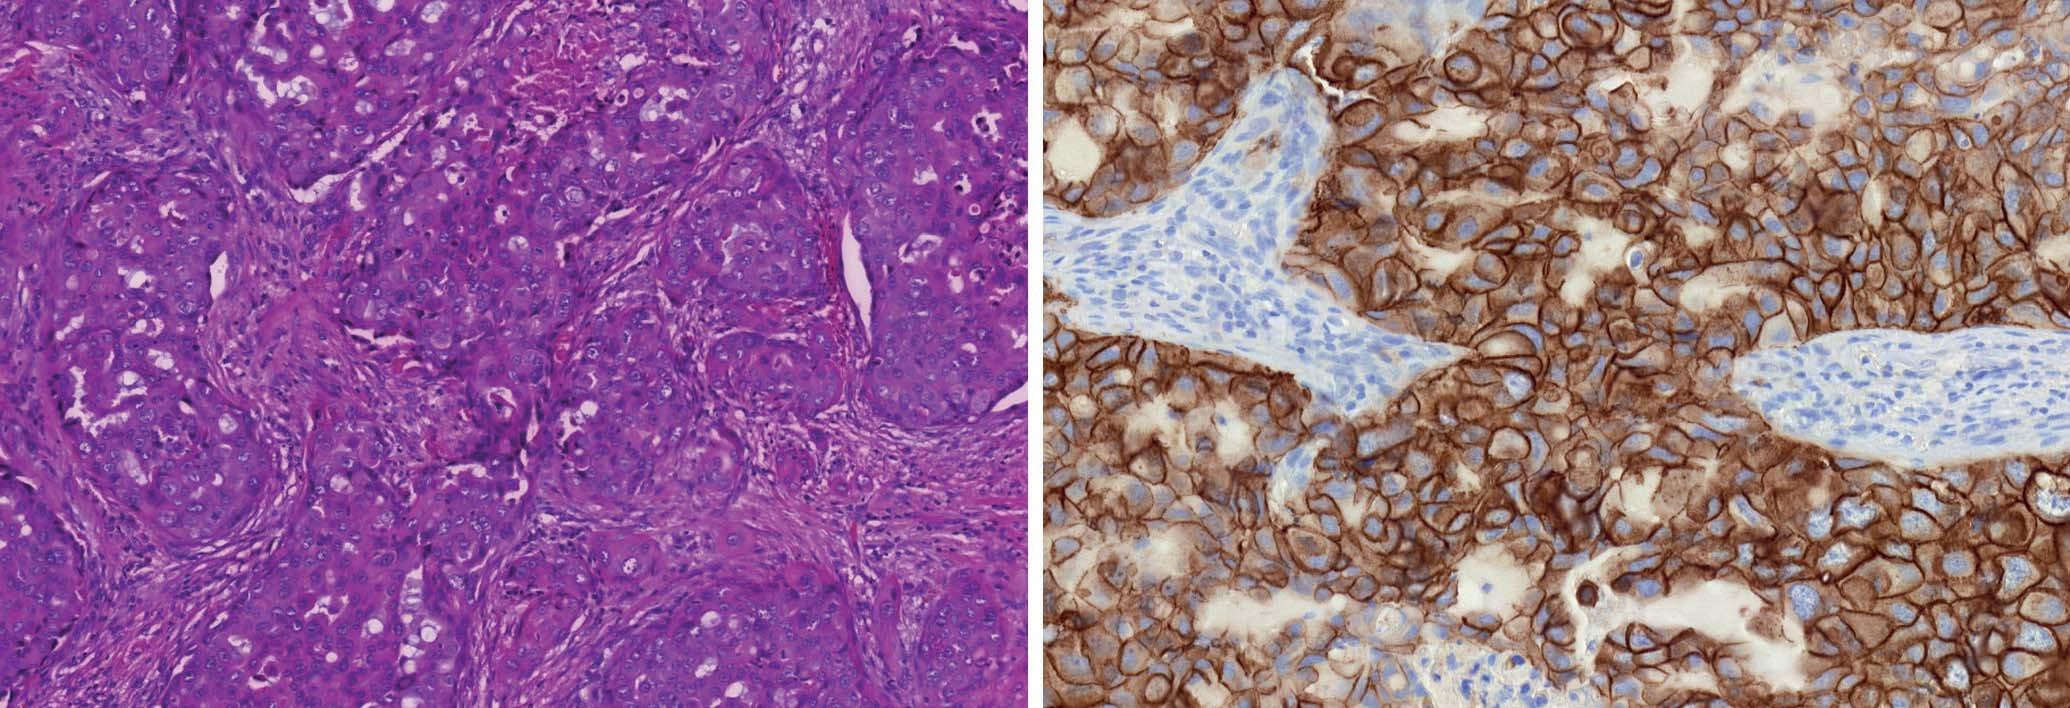 Grade 3 duktální karcinom (A). HER2/neu pozitivní profil charakterizuje overexprese a amplifikace genu HER2/neu bez ohledu na prezenci či absenci hormonálních receptorů (B).